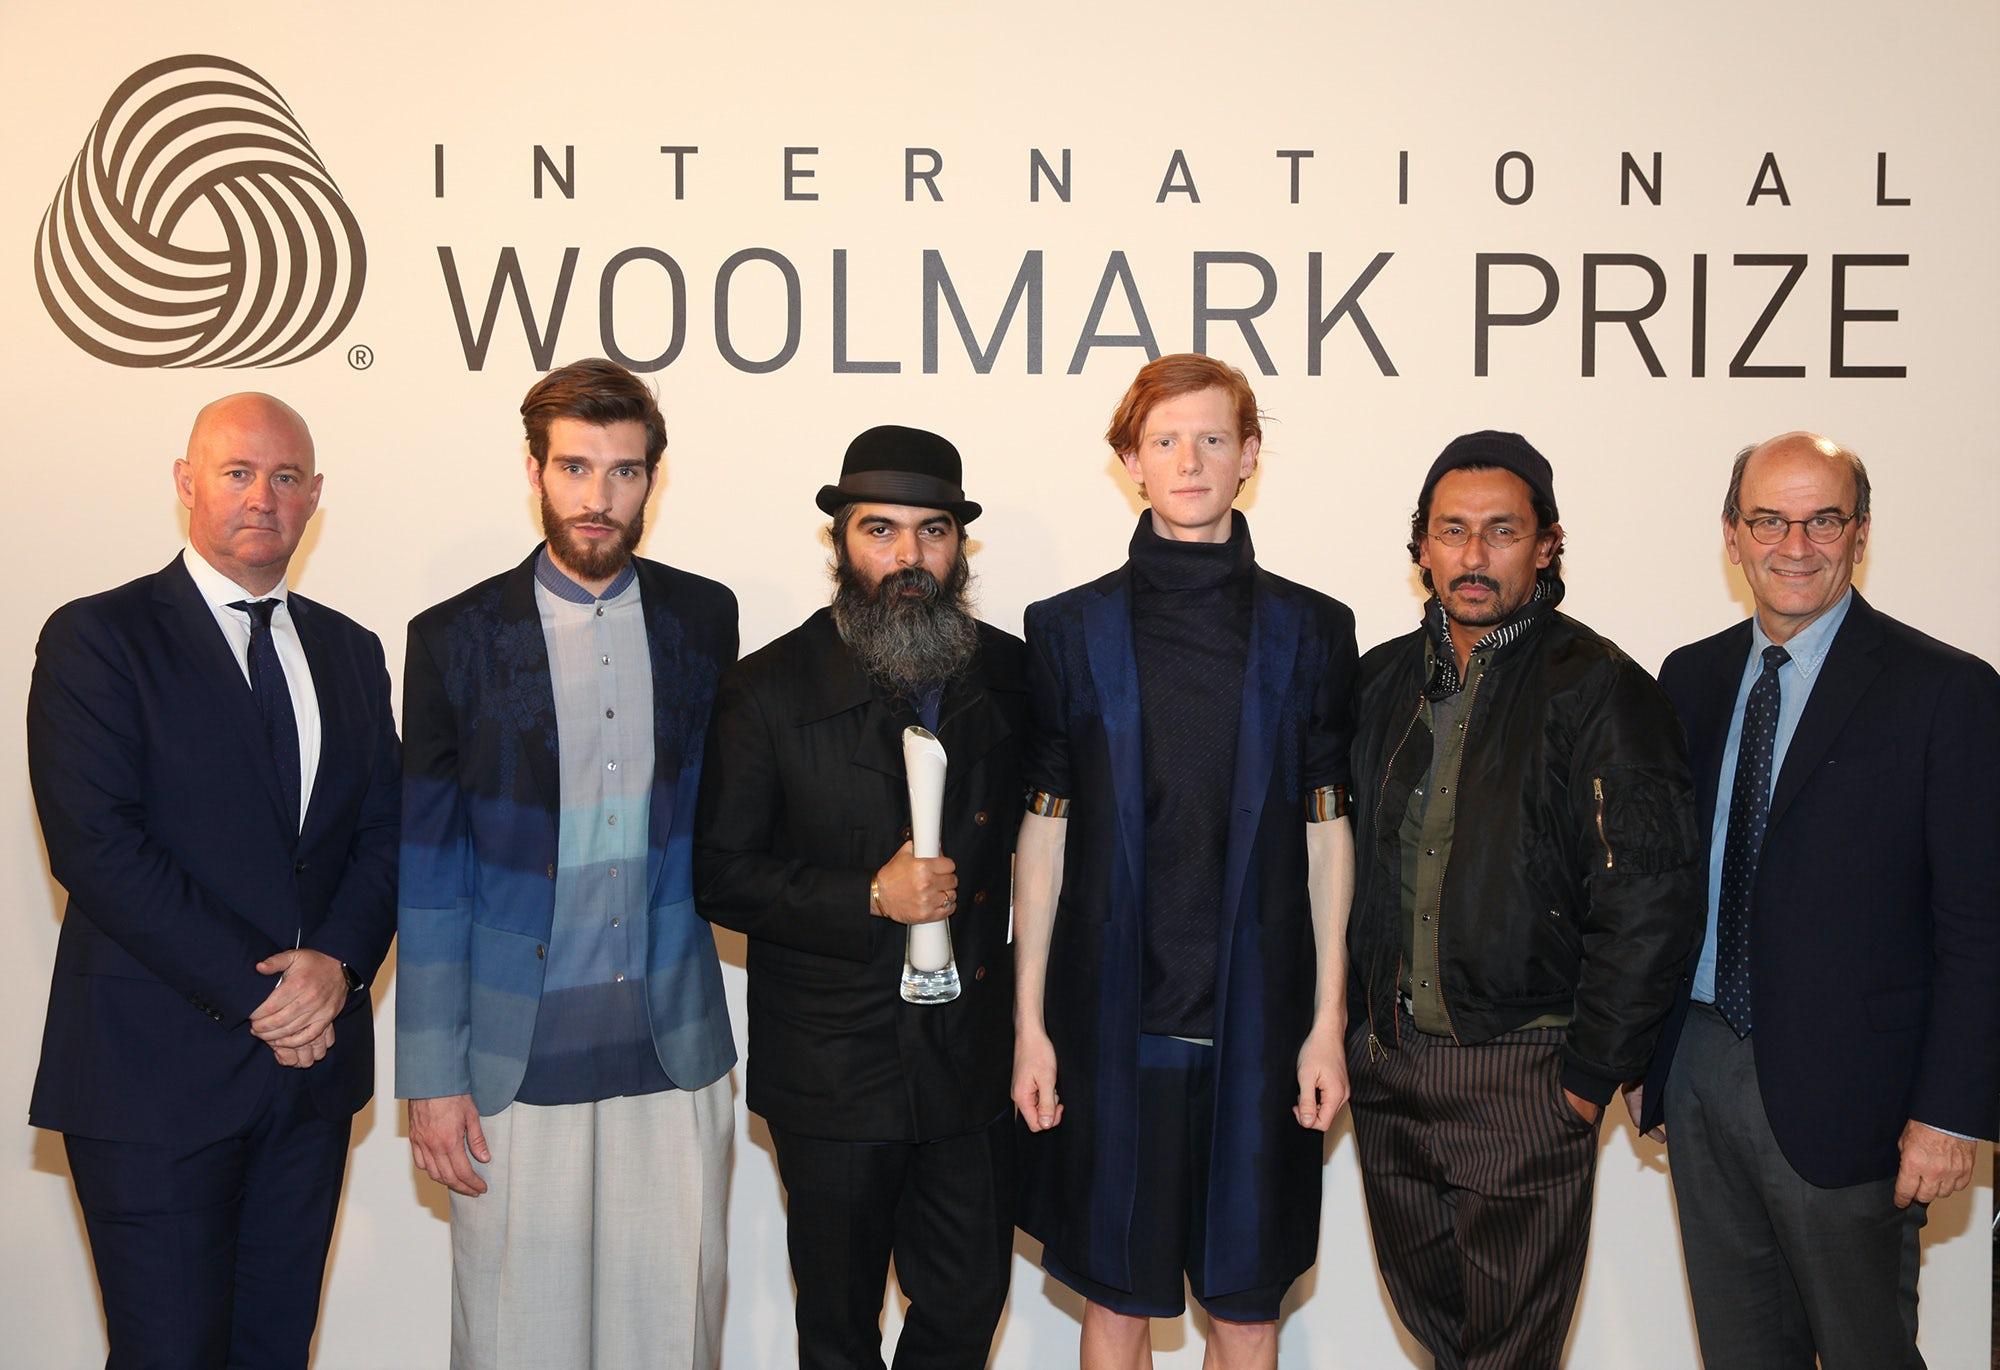 Stuart McCullough, Suket Dhir, Haider Ackermann, Raffaello Napoleone and models | Source: Courtesy